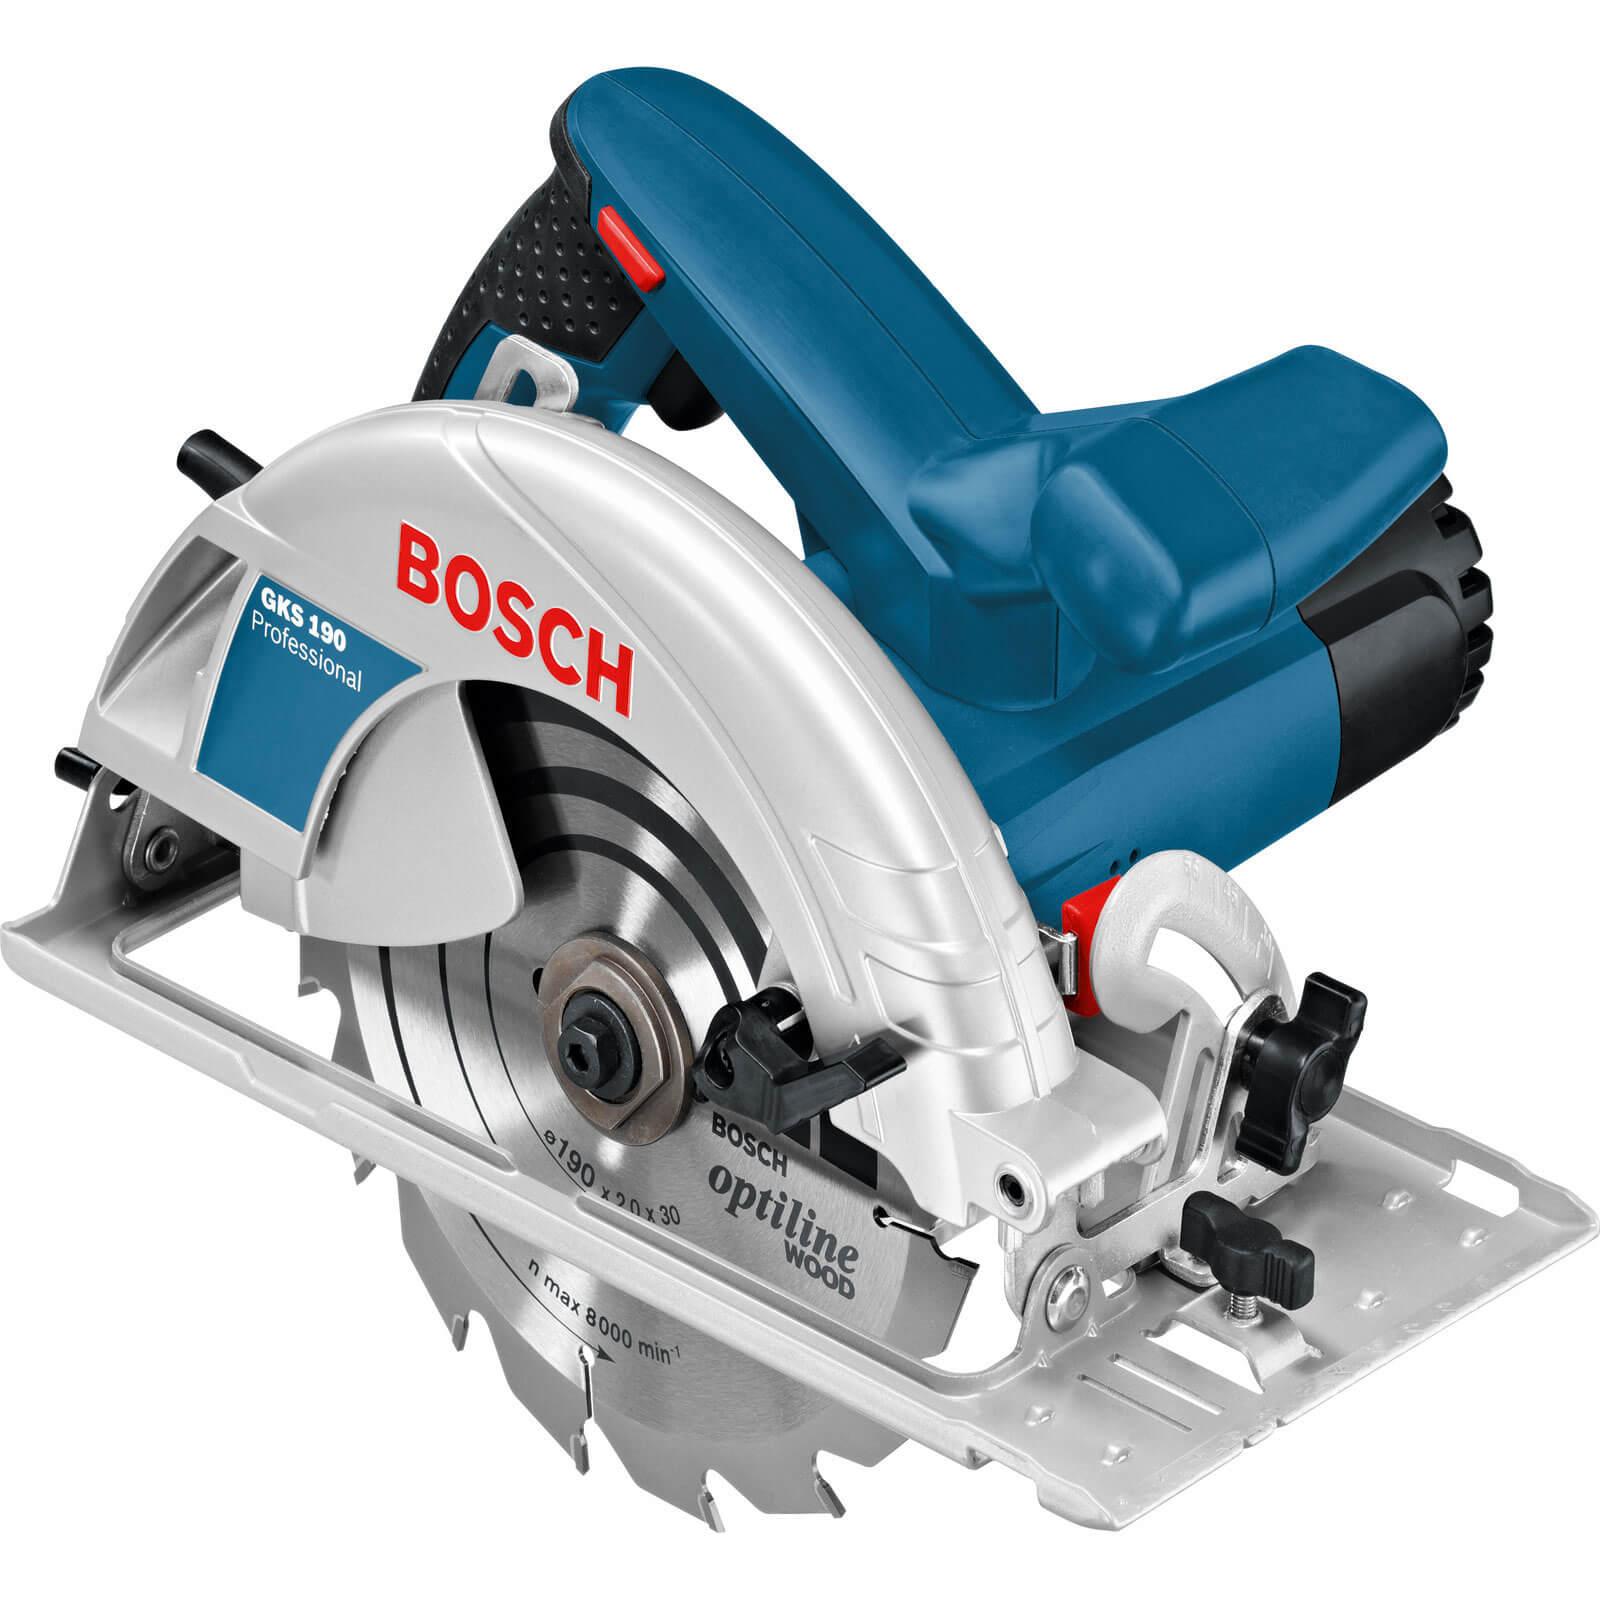 Bosch GKS 190 Circular Saw 190mm Blade 1400w 240v